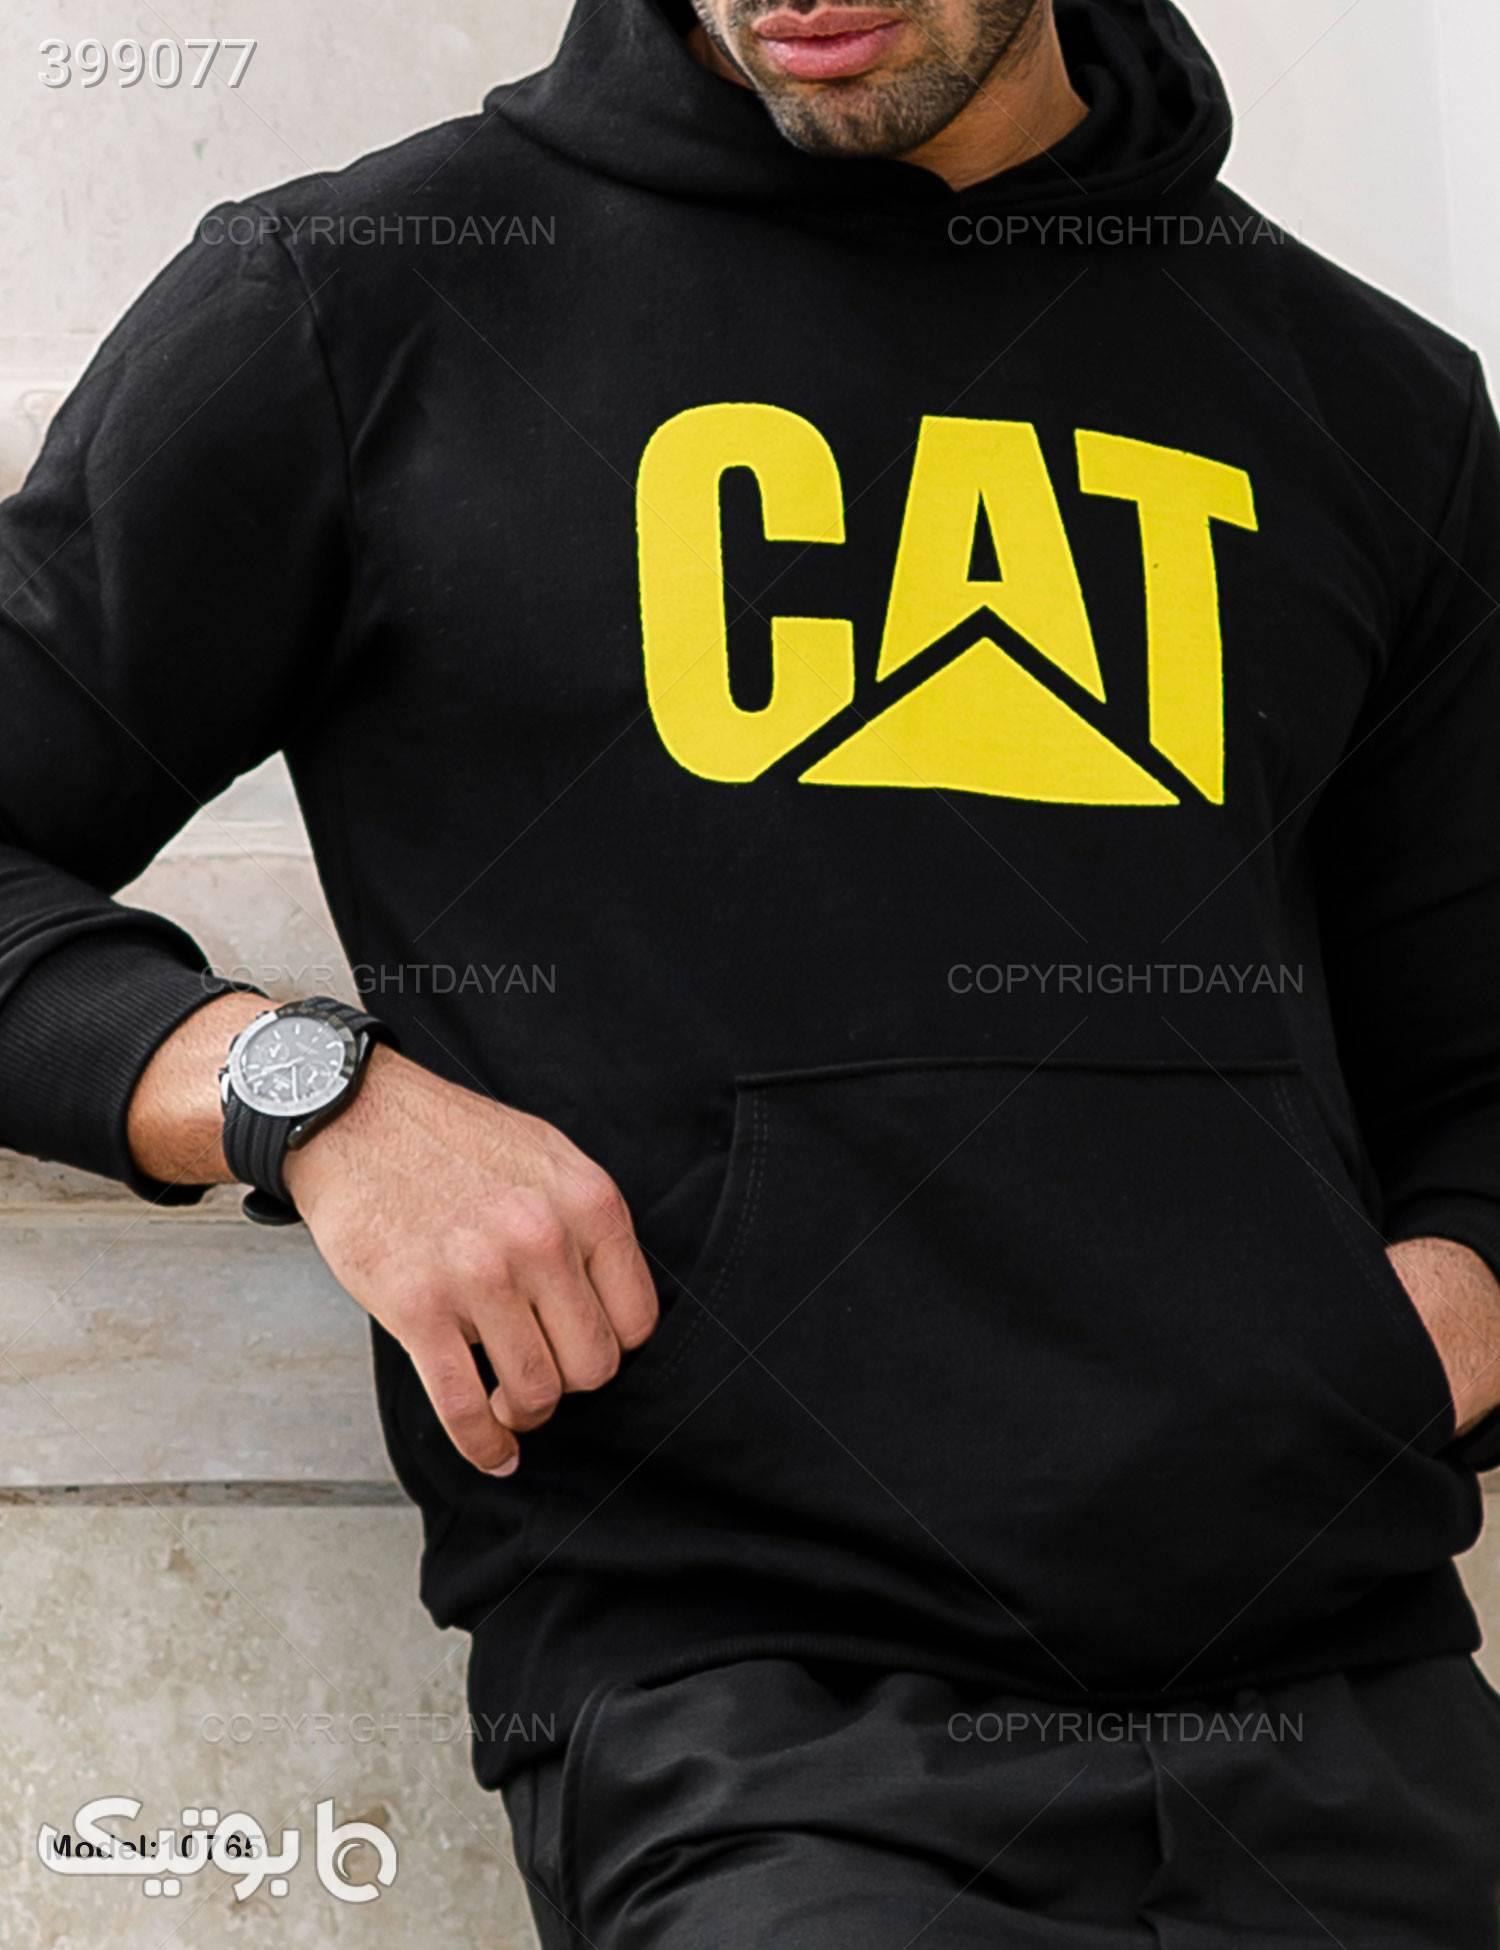 ست مردانه Cat مدل 10765  مشکی ست ورزشی مردانه